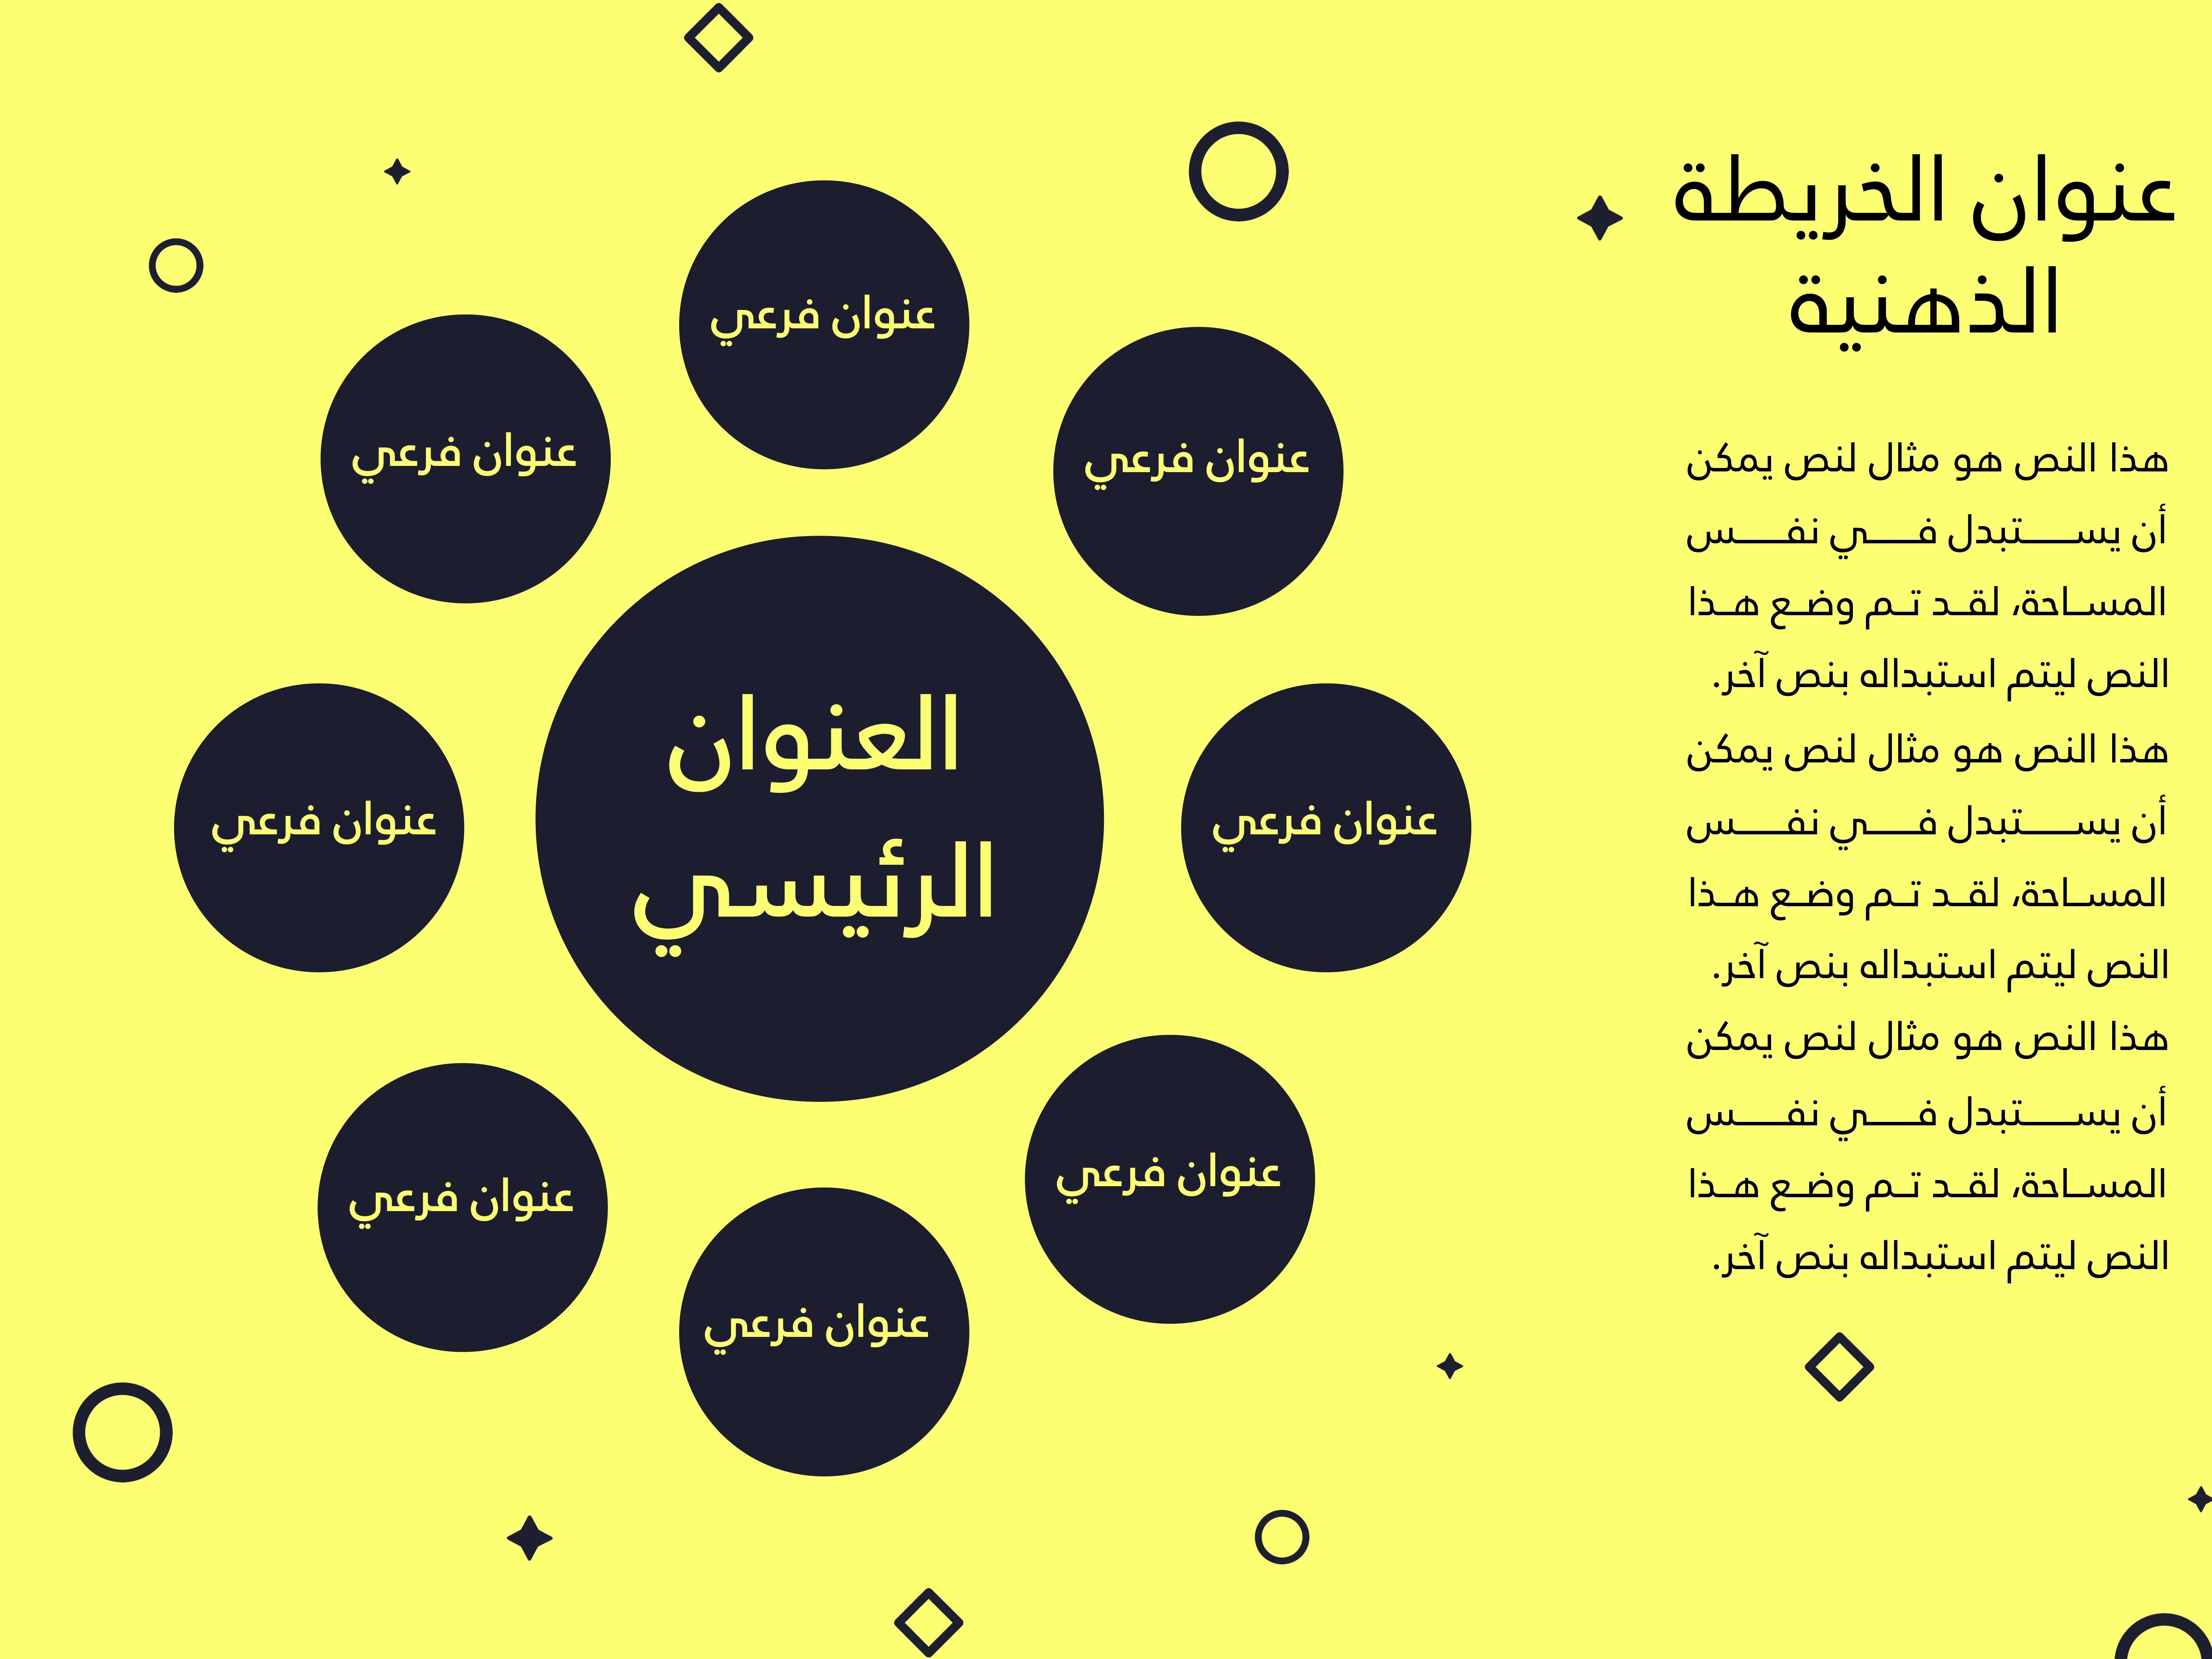 قالب خريطة ذهنية عربي تعليمي مميز واحترافي Arabic Books Wallpaper Backgrounds Pill